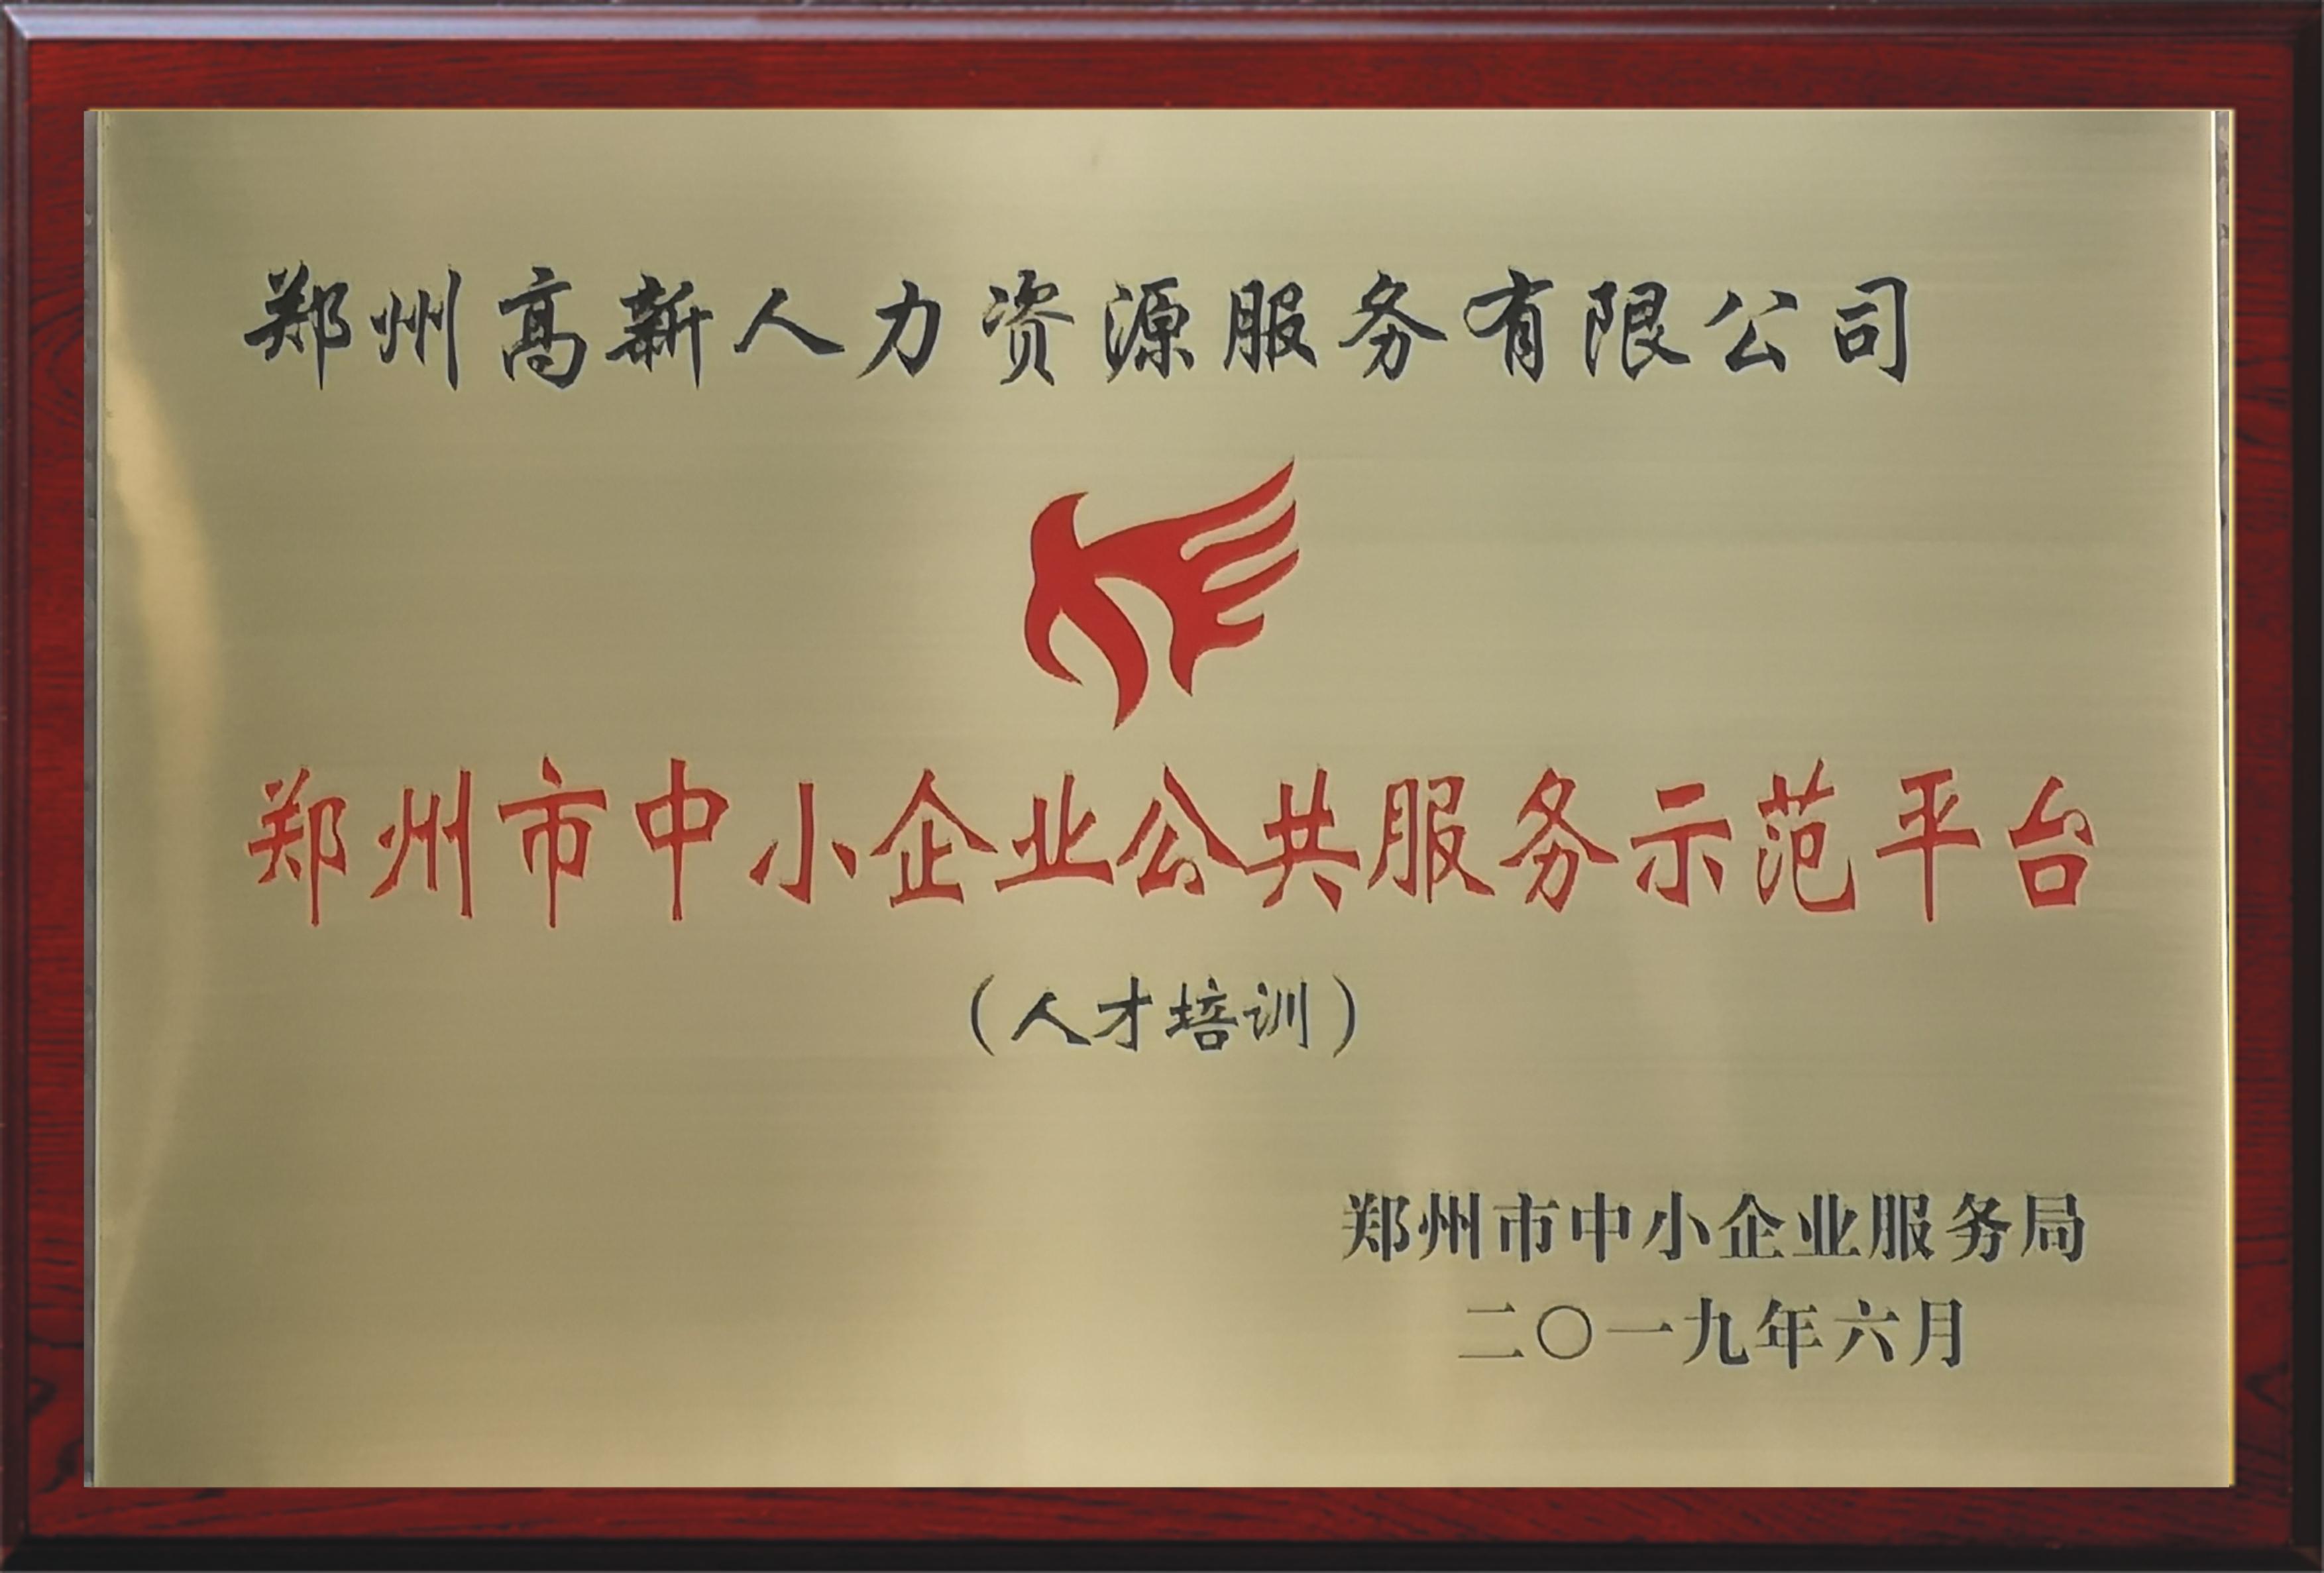 战神国际 官网 app中小企业公共服务示范平台